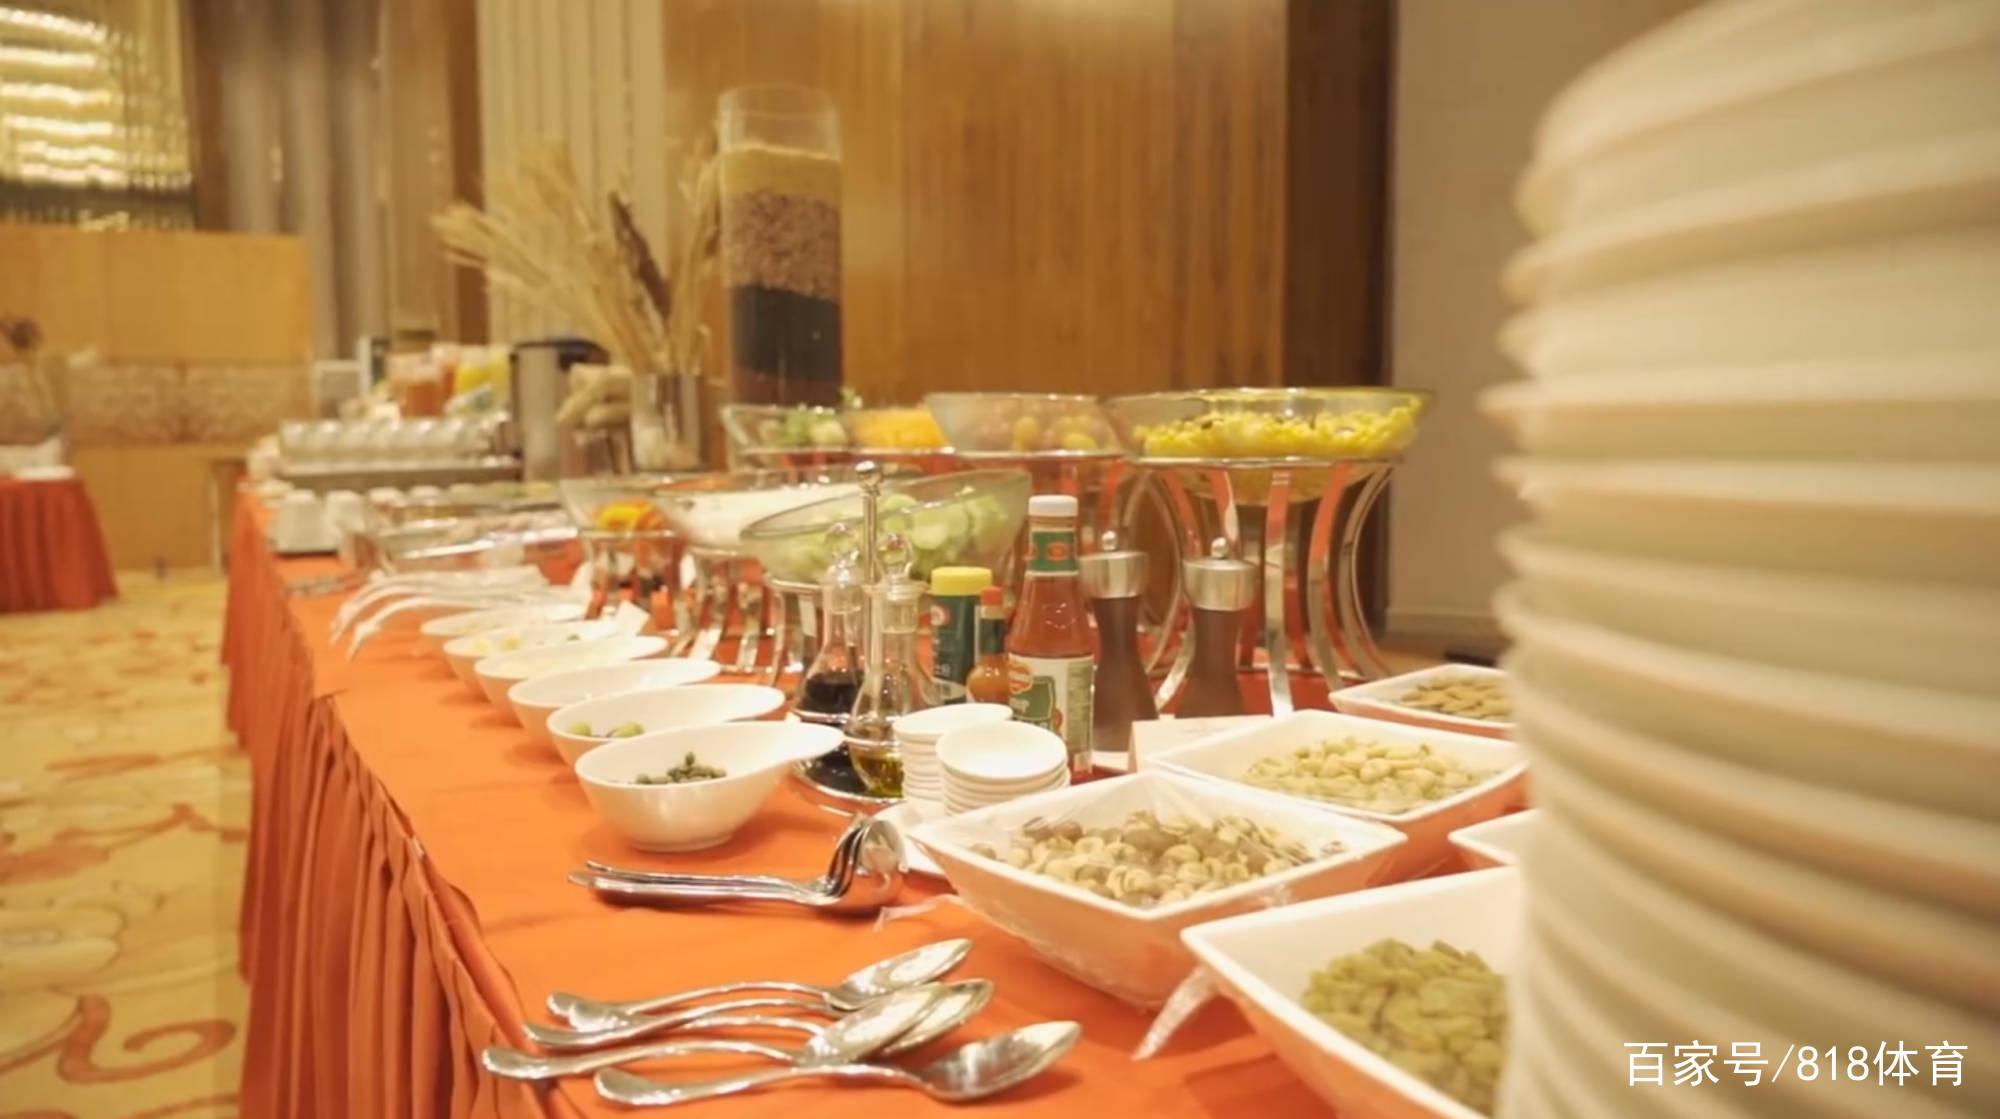 中超复赛酒店伙食曝光!牛扒大虾辣子鸡12道硬菜,外援酷爱蔬菜沙拉